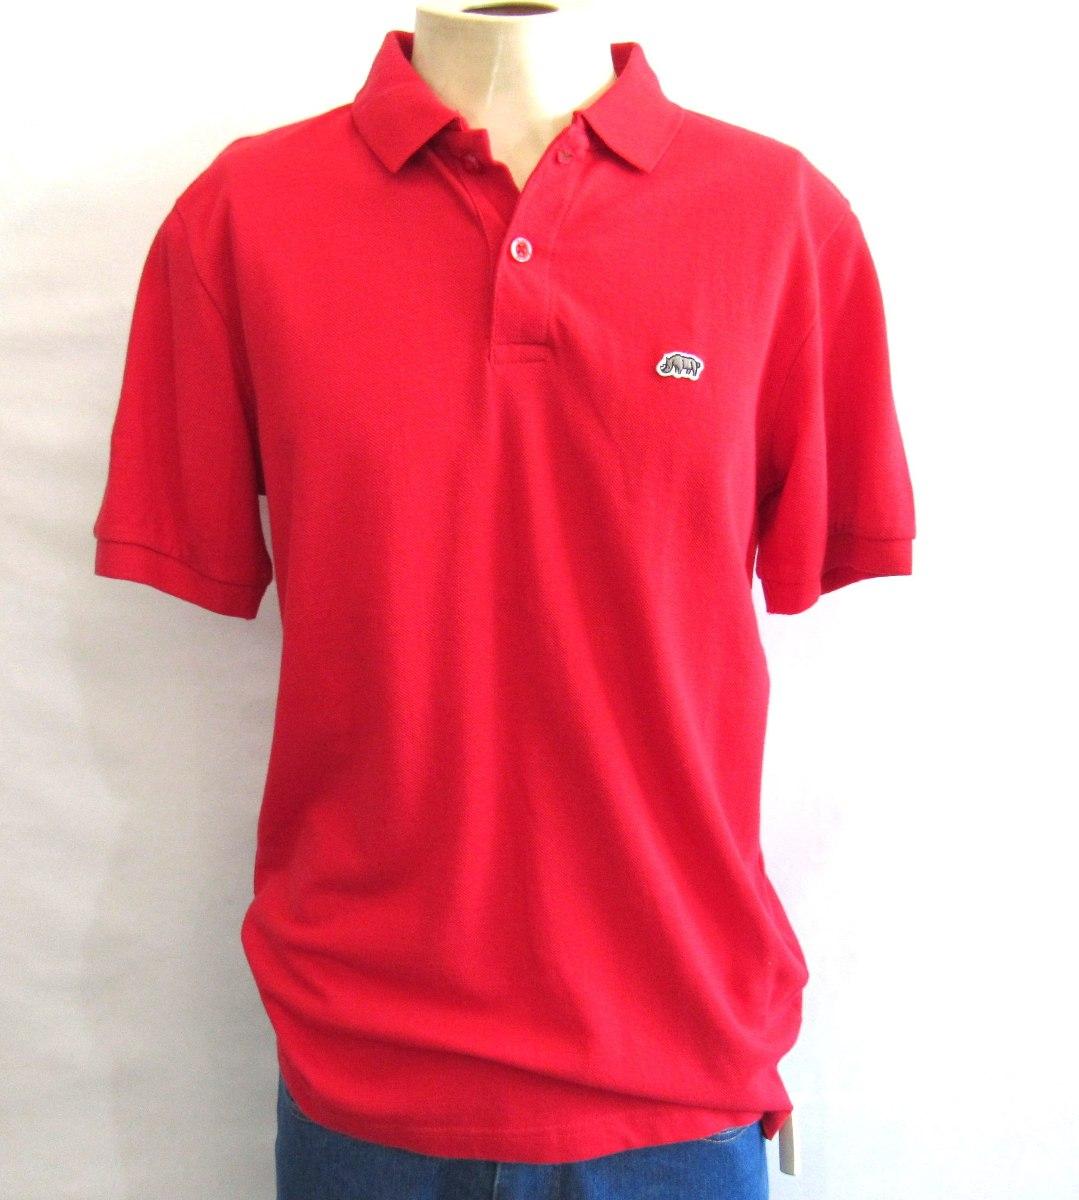 camisa polo ecko unltd vermelha importada original tamanho g. Carregando  zoom. 4e41dc485a0dd